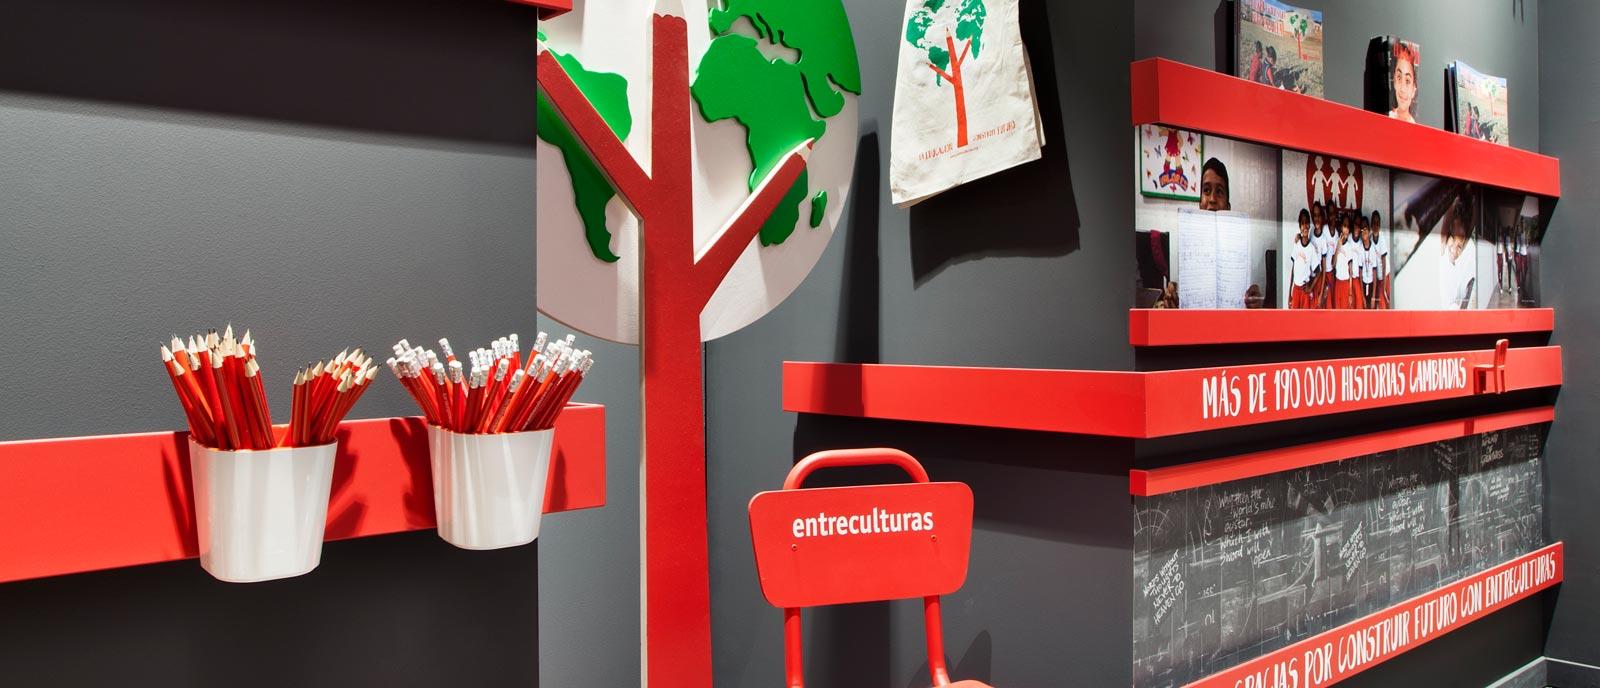 Pasillos – Fundación Entreculturas